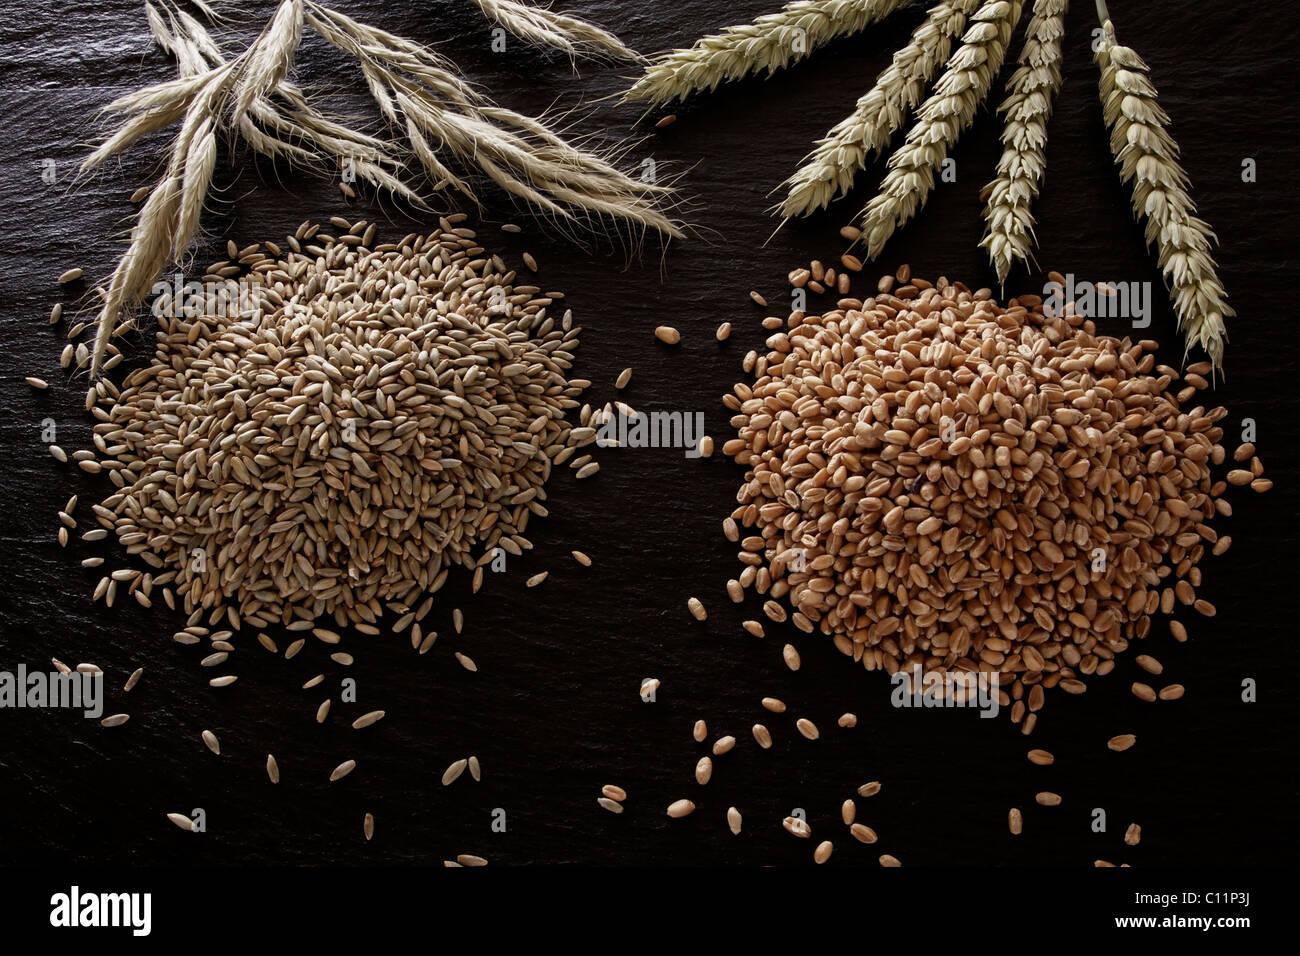 El centeno (Secale cereale) y trigo (Triticum) sobre una pizarra Imagen De Stock